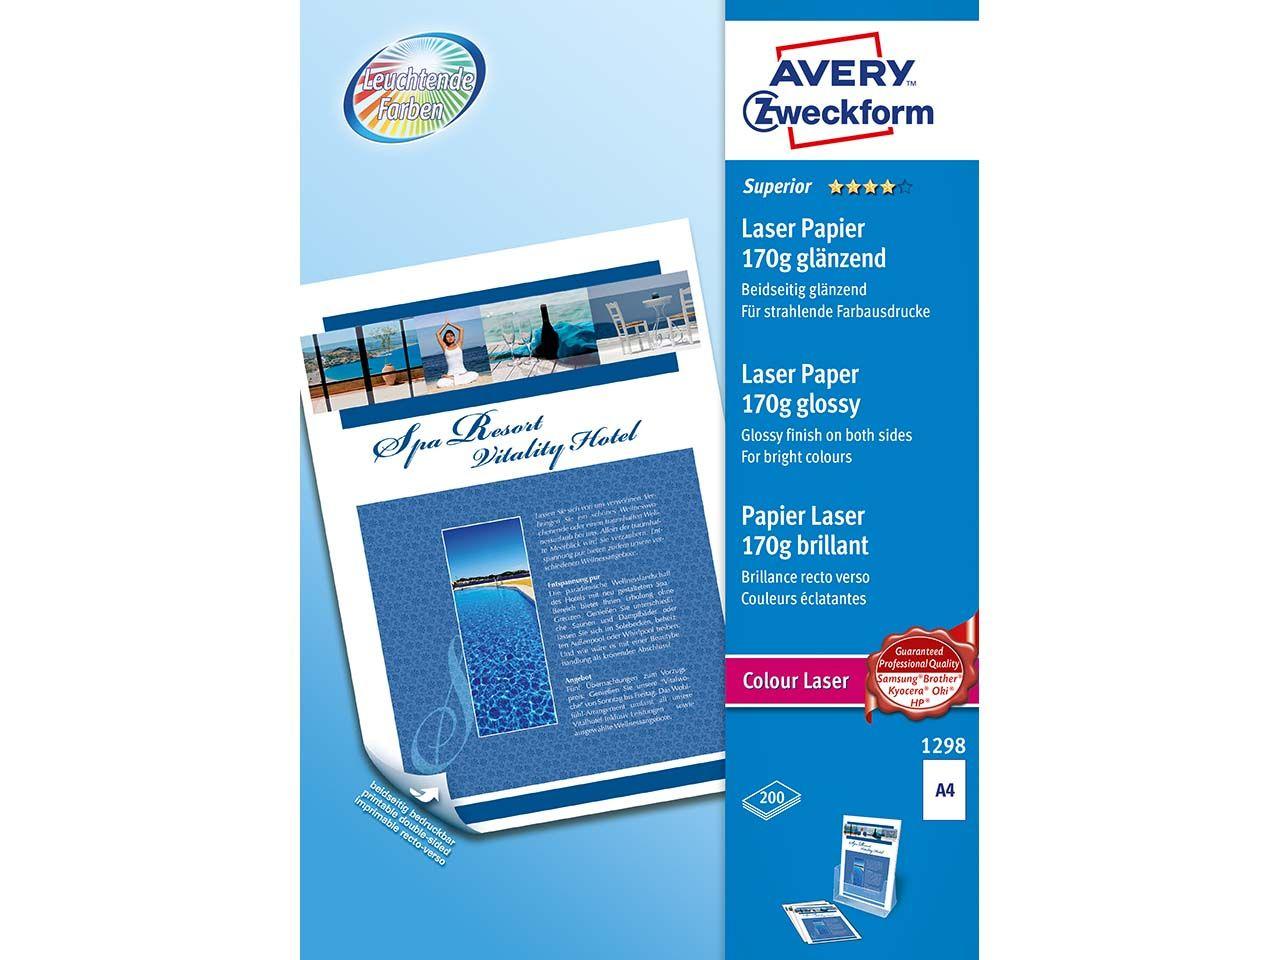 Avery Zweckform 200 Blatt CLP-Papier 170g glänzend 1298